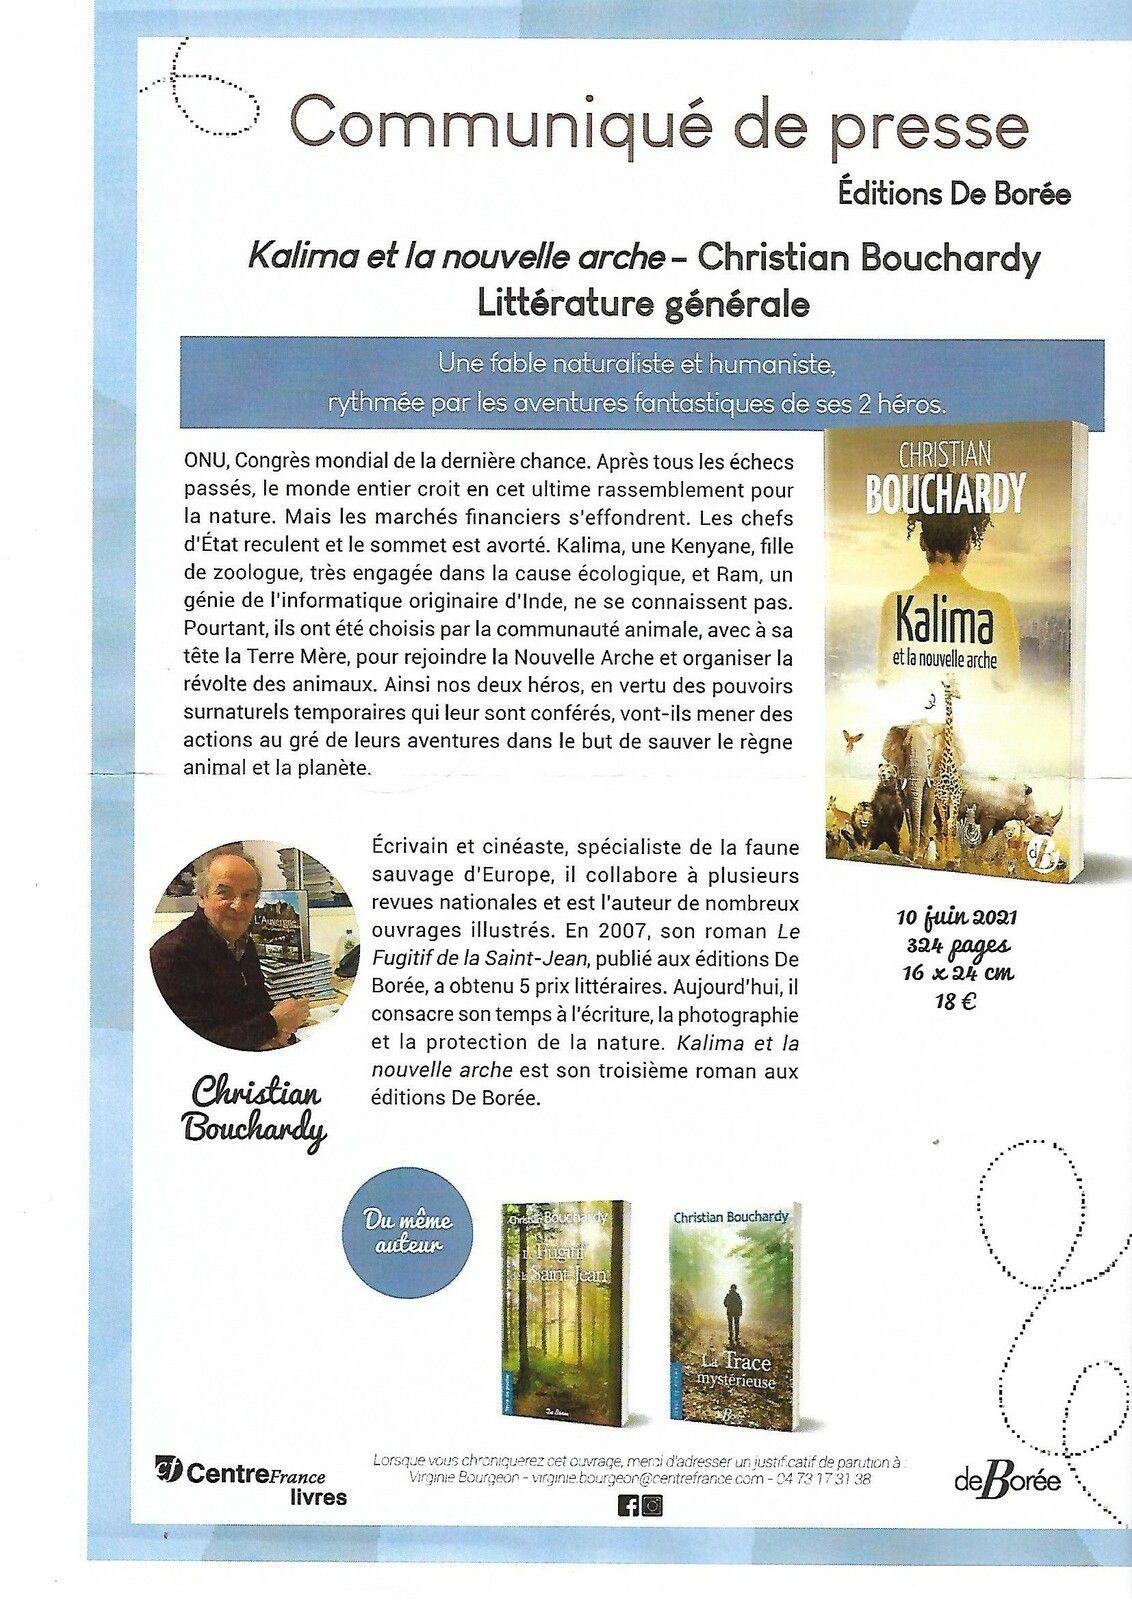 Kalima et la nouvelle arche de Christian Bouchardy